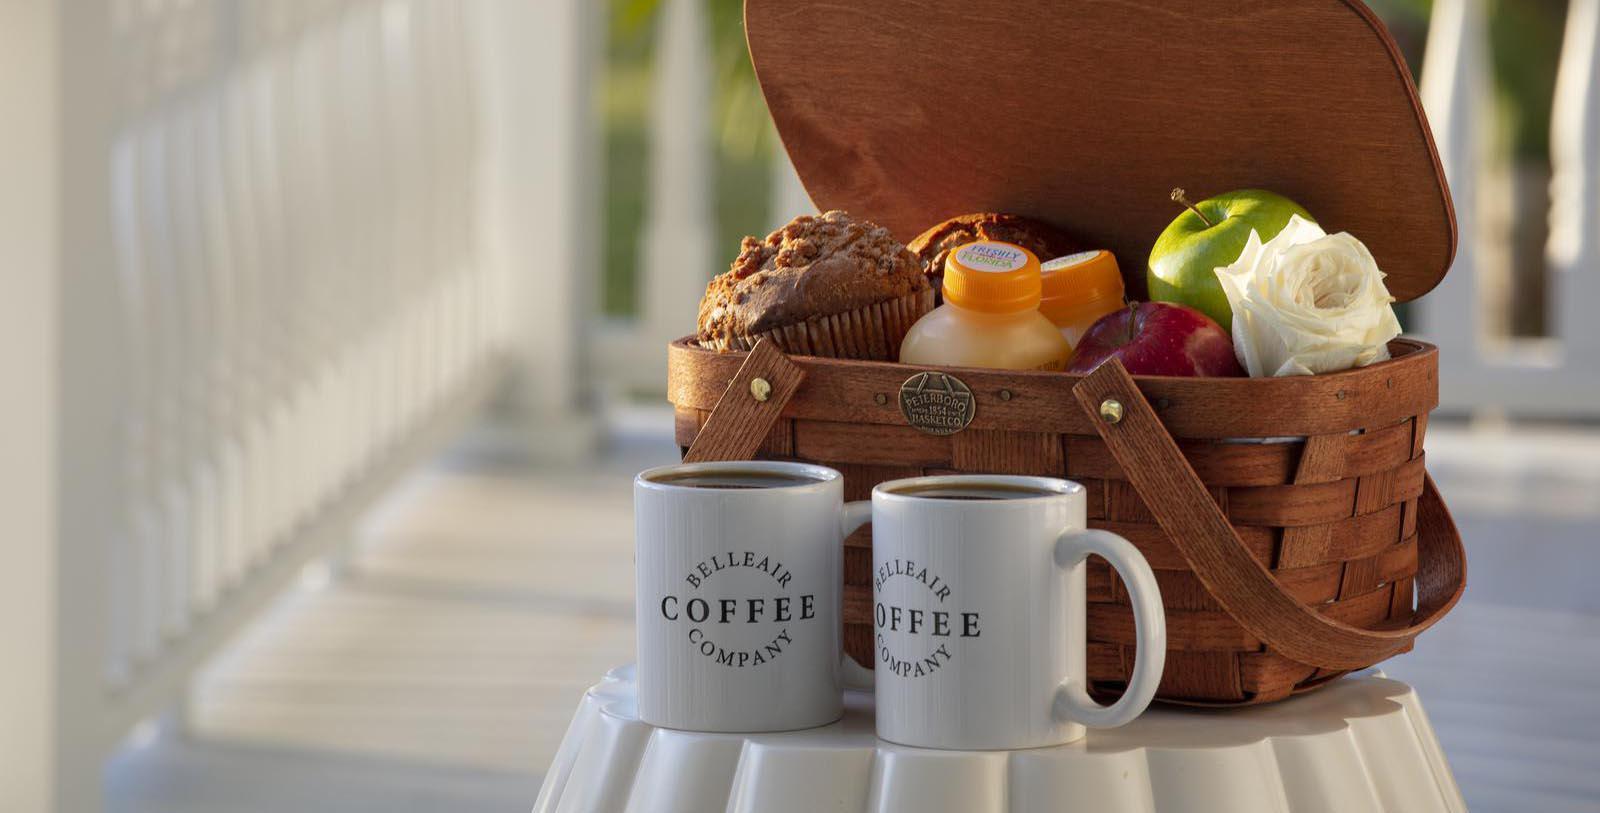 Image of picnic basket and coffee mugs outside Belleview Inn, 1897, Member of Historic Hotels of America, in Belleair, Florida, Taste